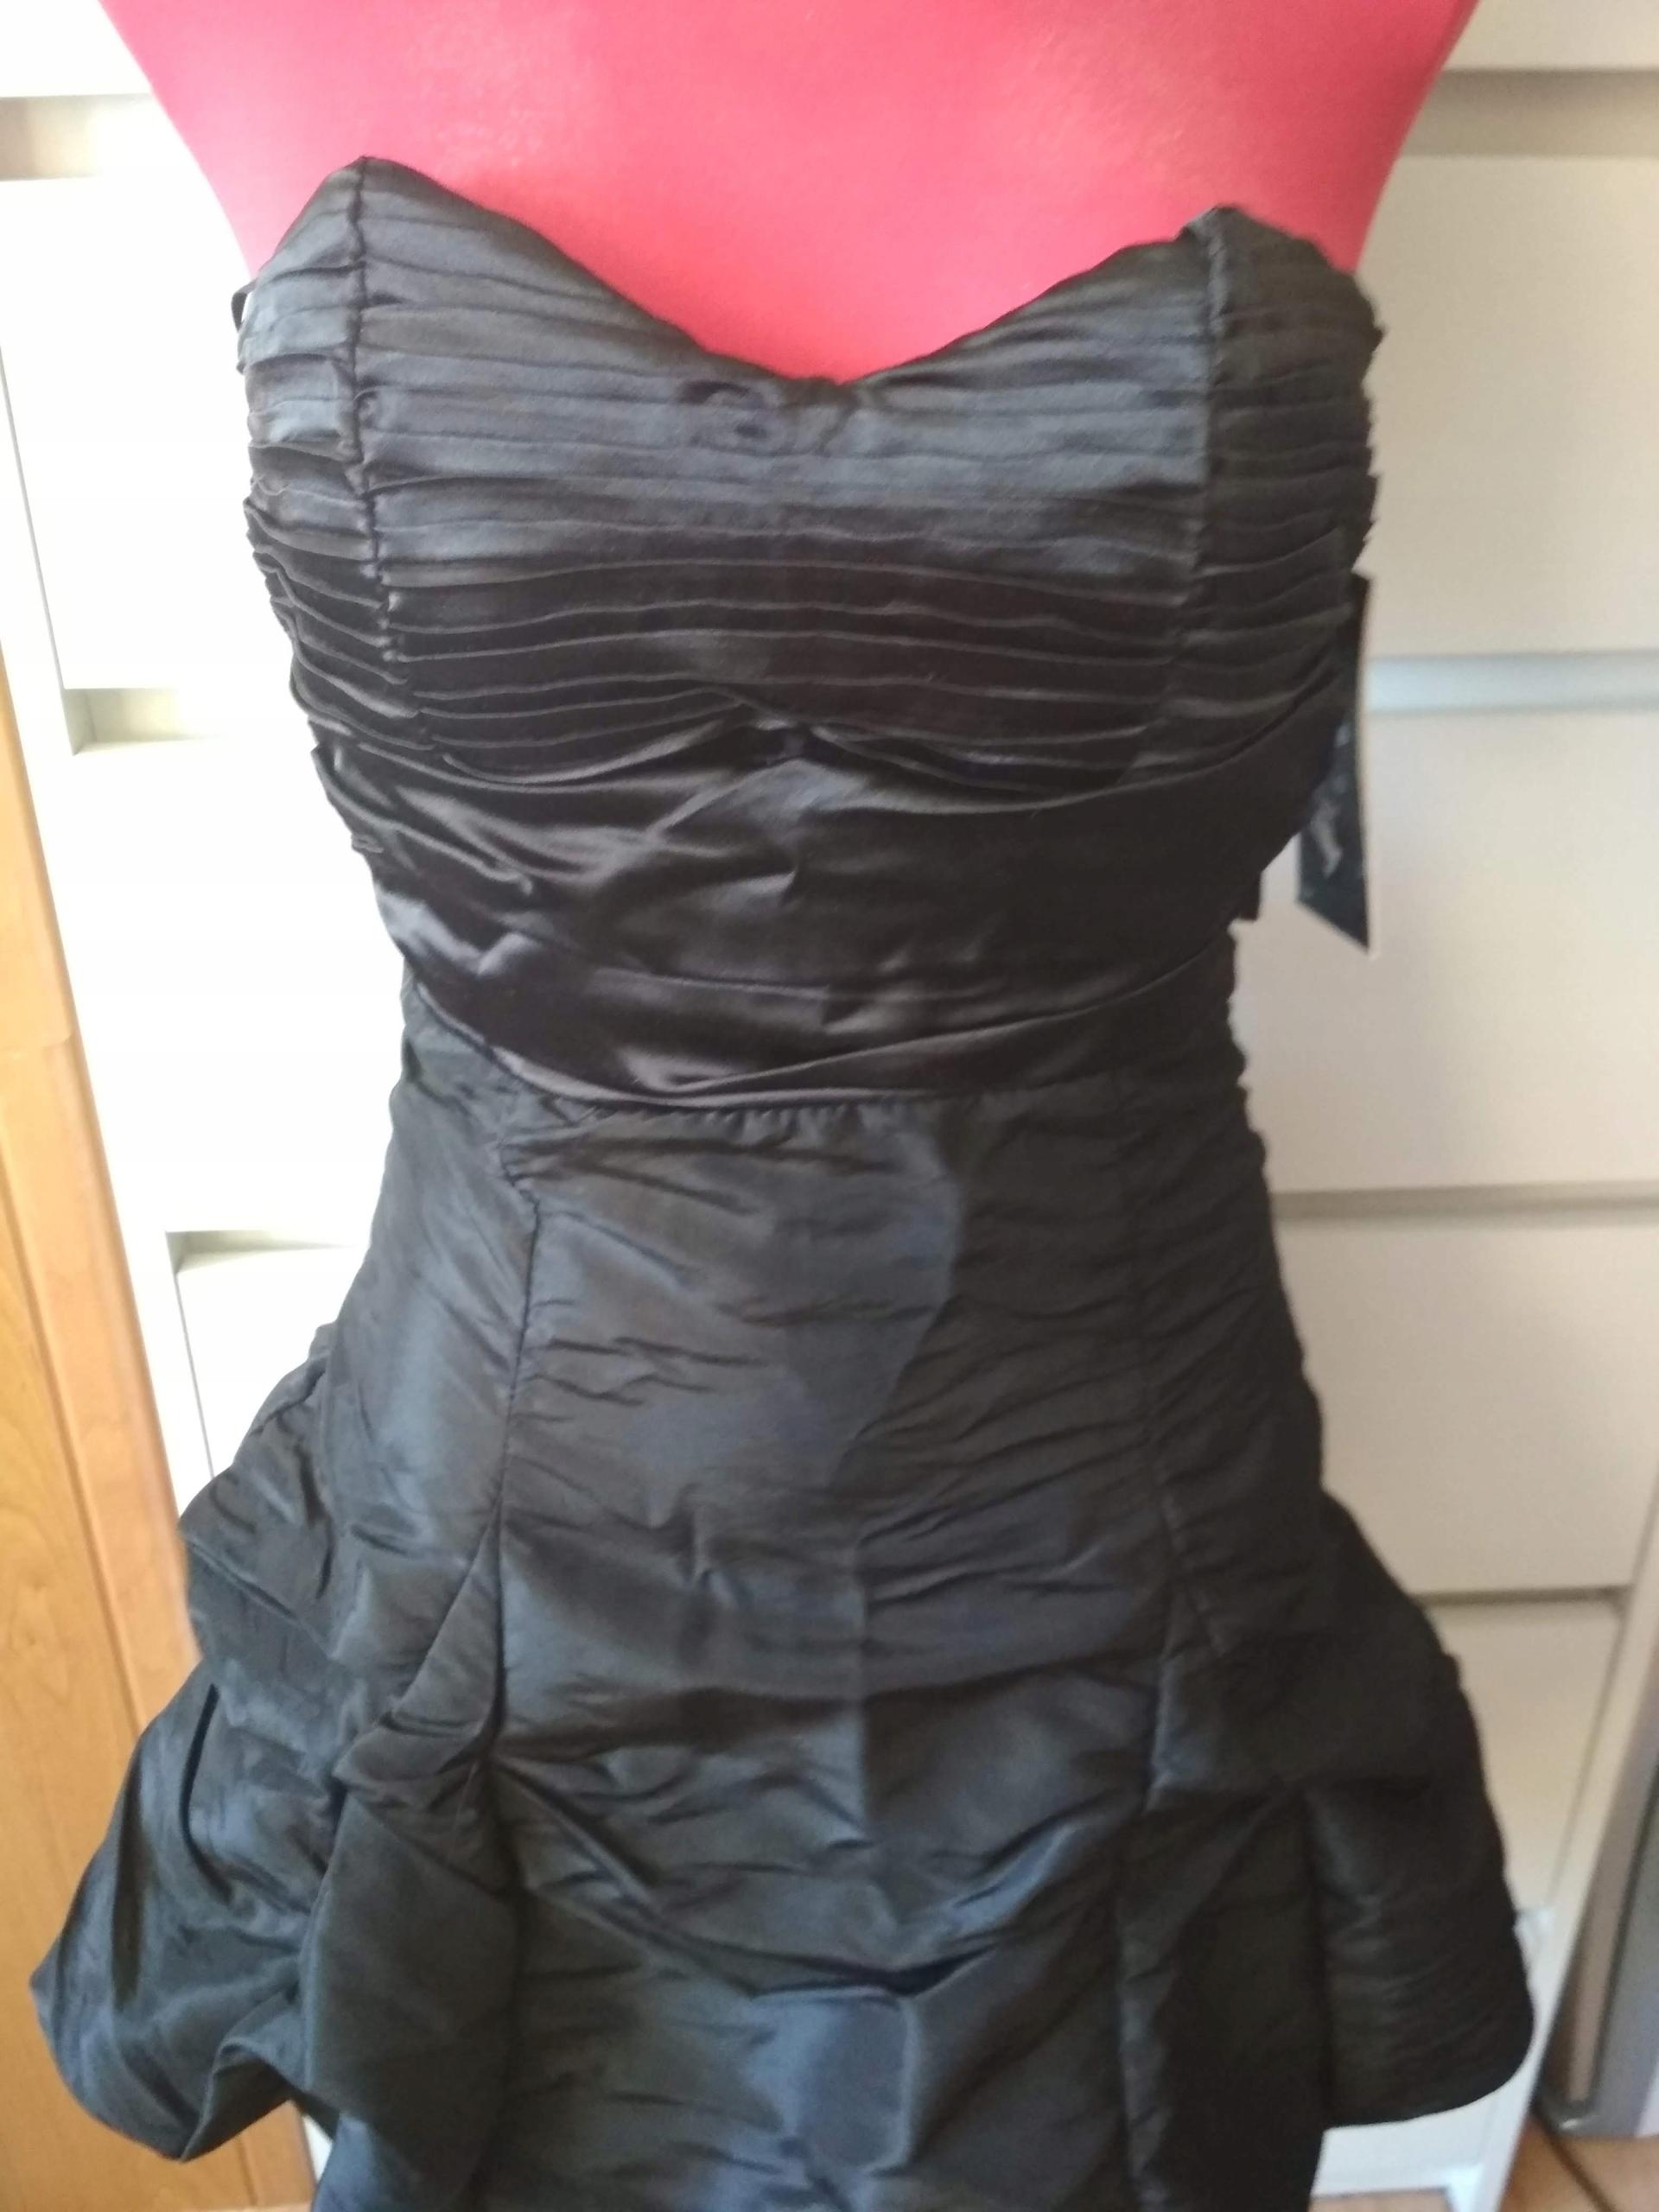 15b08a1d78 sukienka czarna bombka xs 34 - 7615285586 - oficjalne archiwum allegro